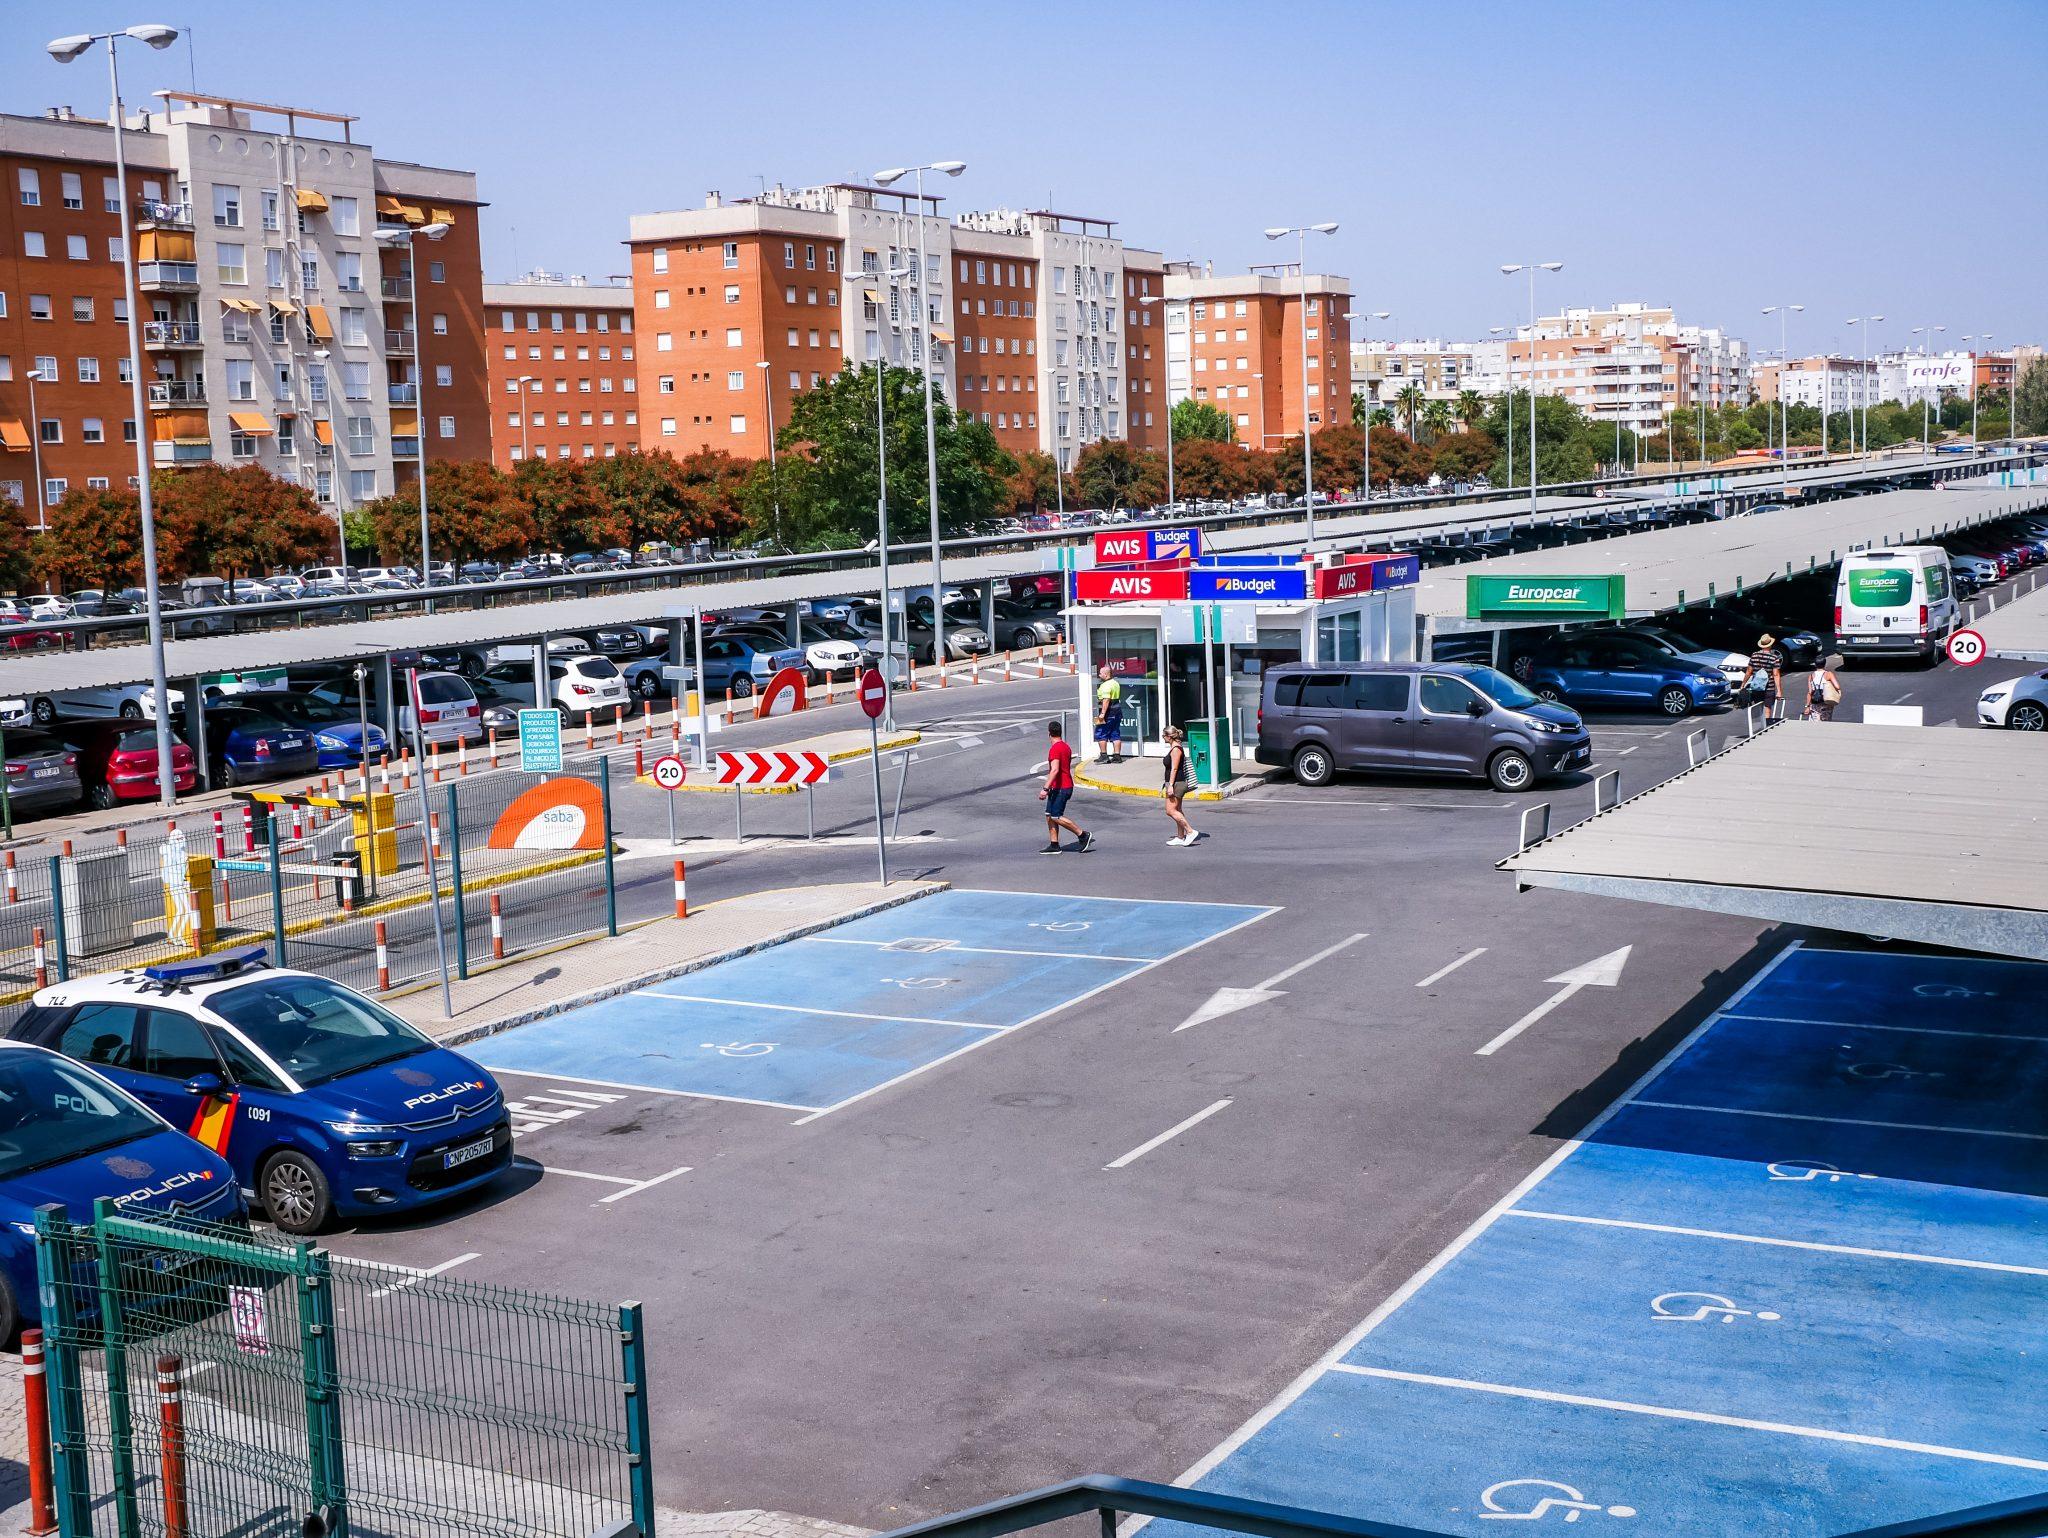 """Vor Sevillas Hauptbahnhof """"Santa Justa"""" gibt es mehrere Autovermietungsunternehmen, bei welchen du dir nach deiner anstrengenden Zugfahrt ein Auto mieten kannst."""